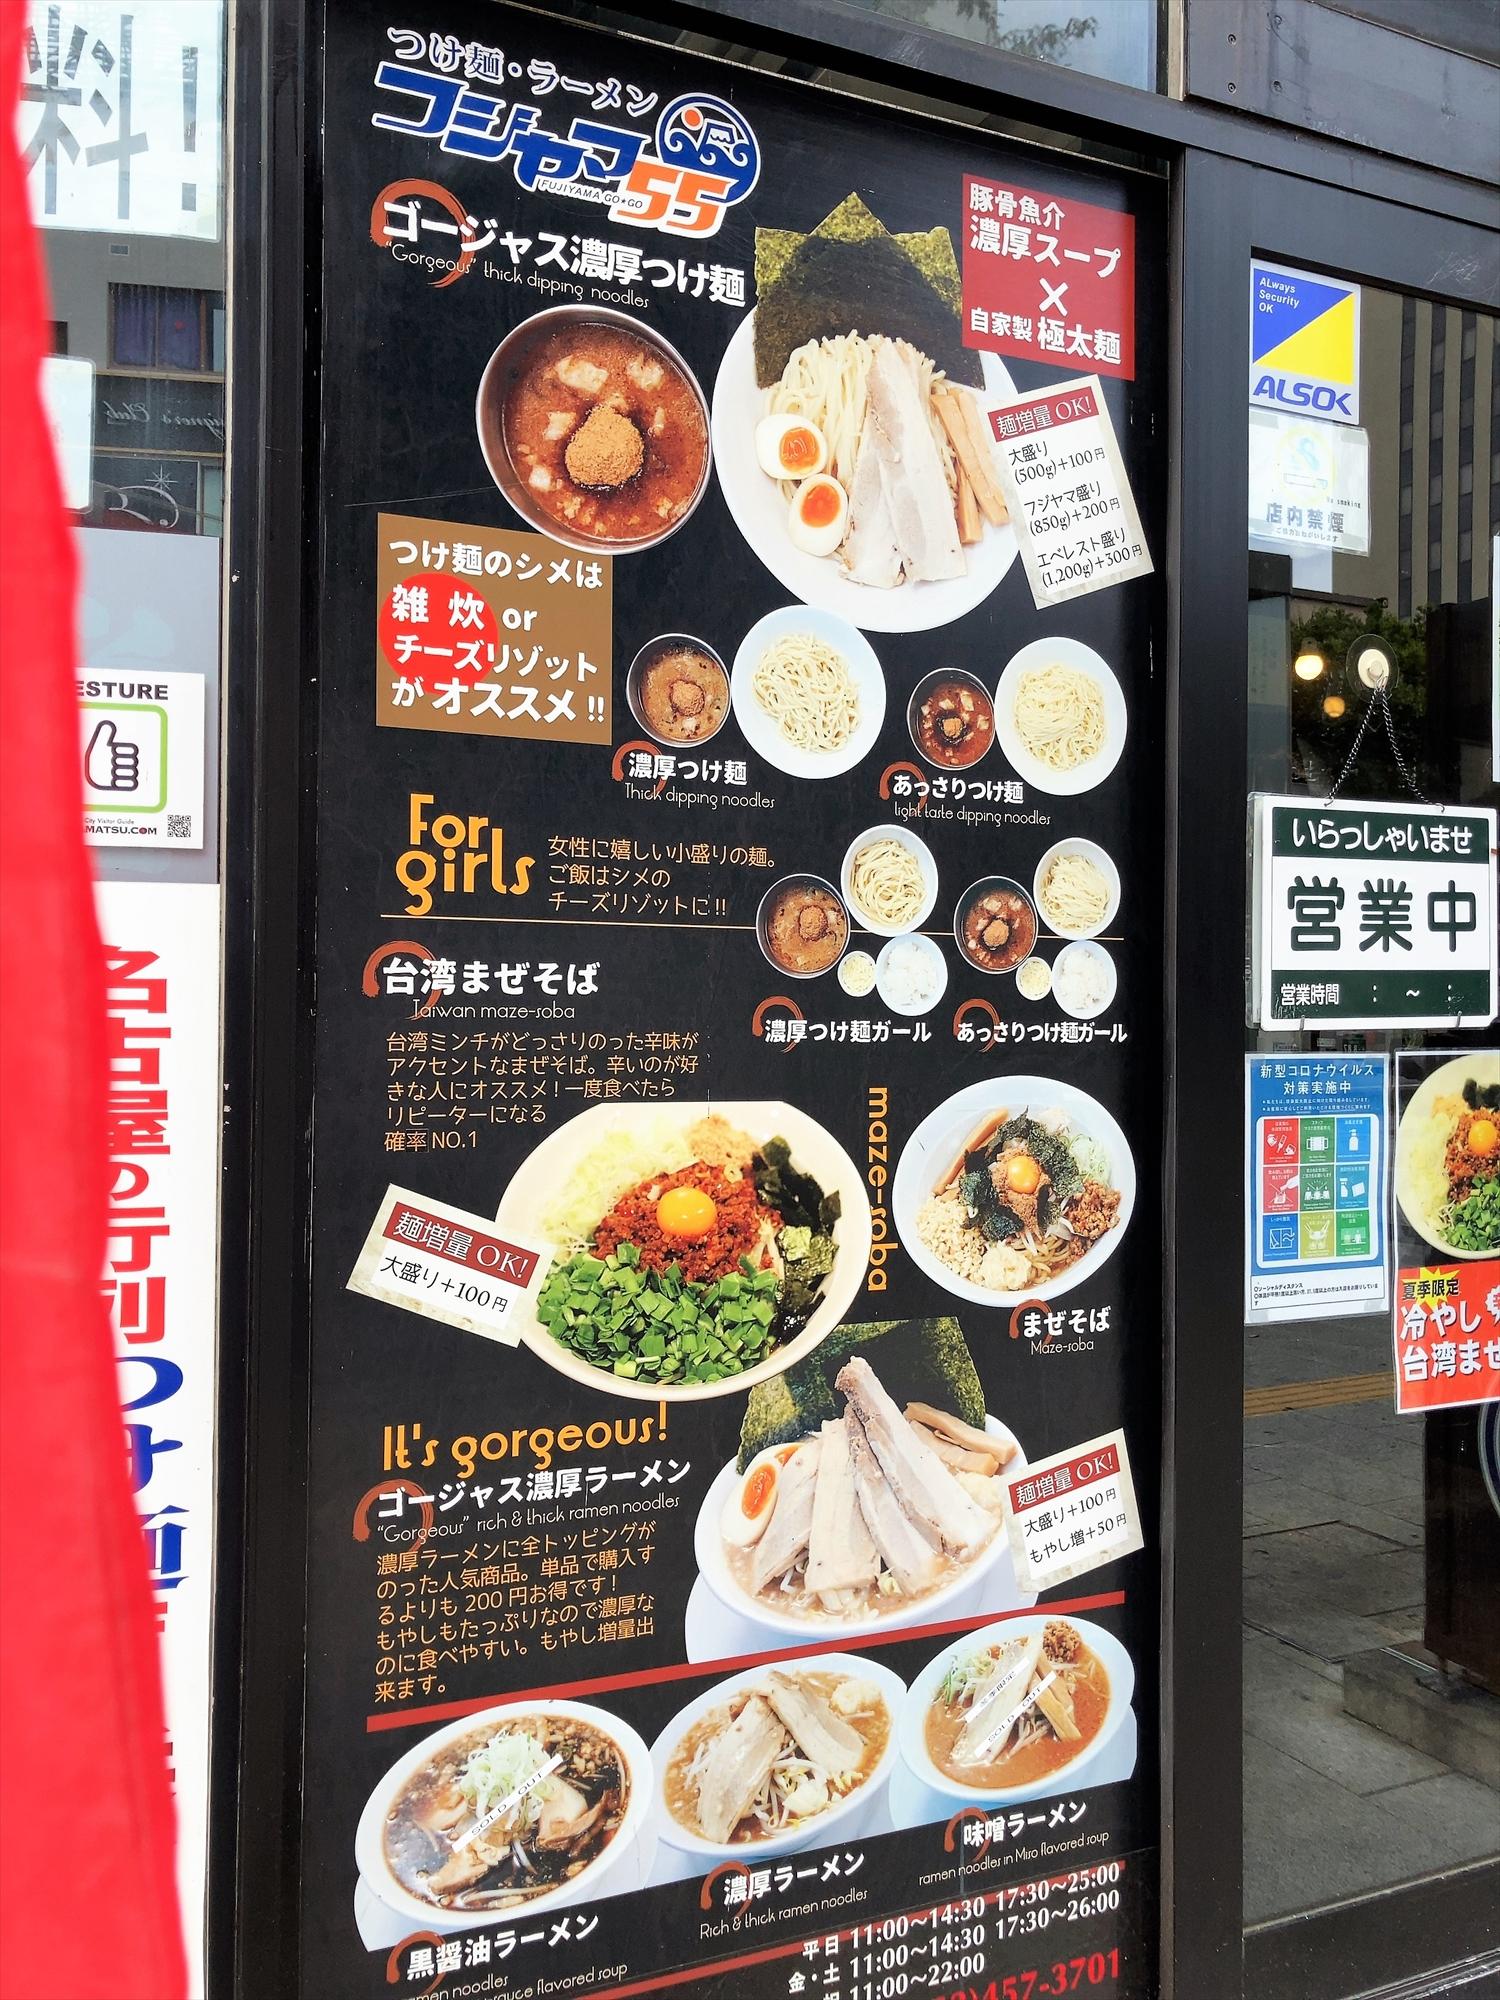 フジヤマ55 浜松中央店の案内